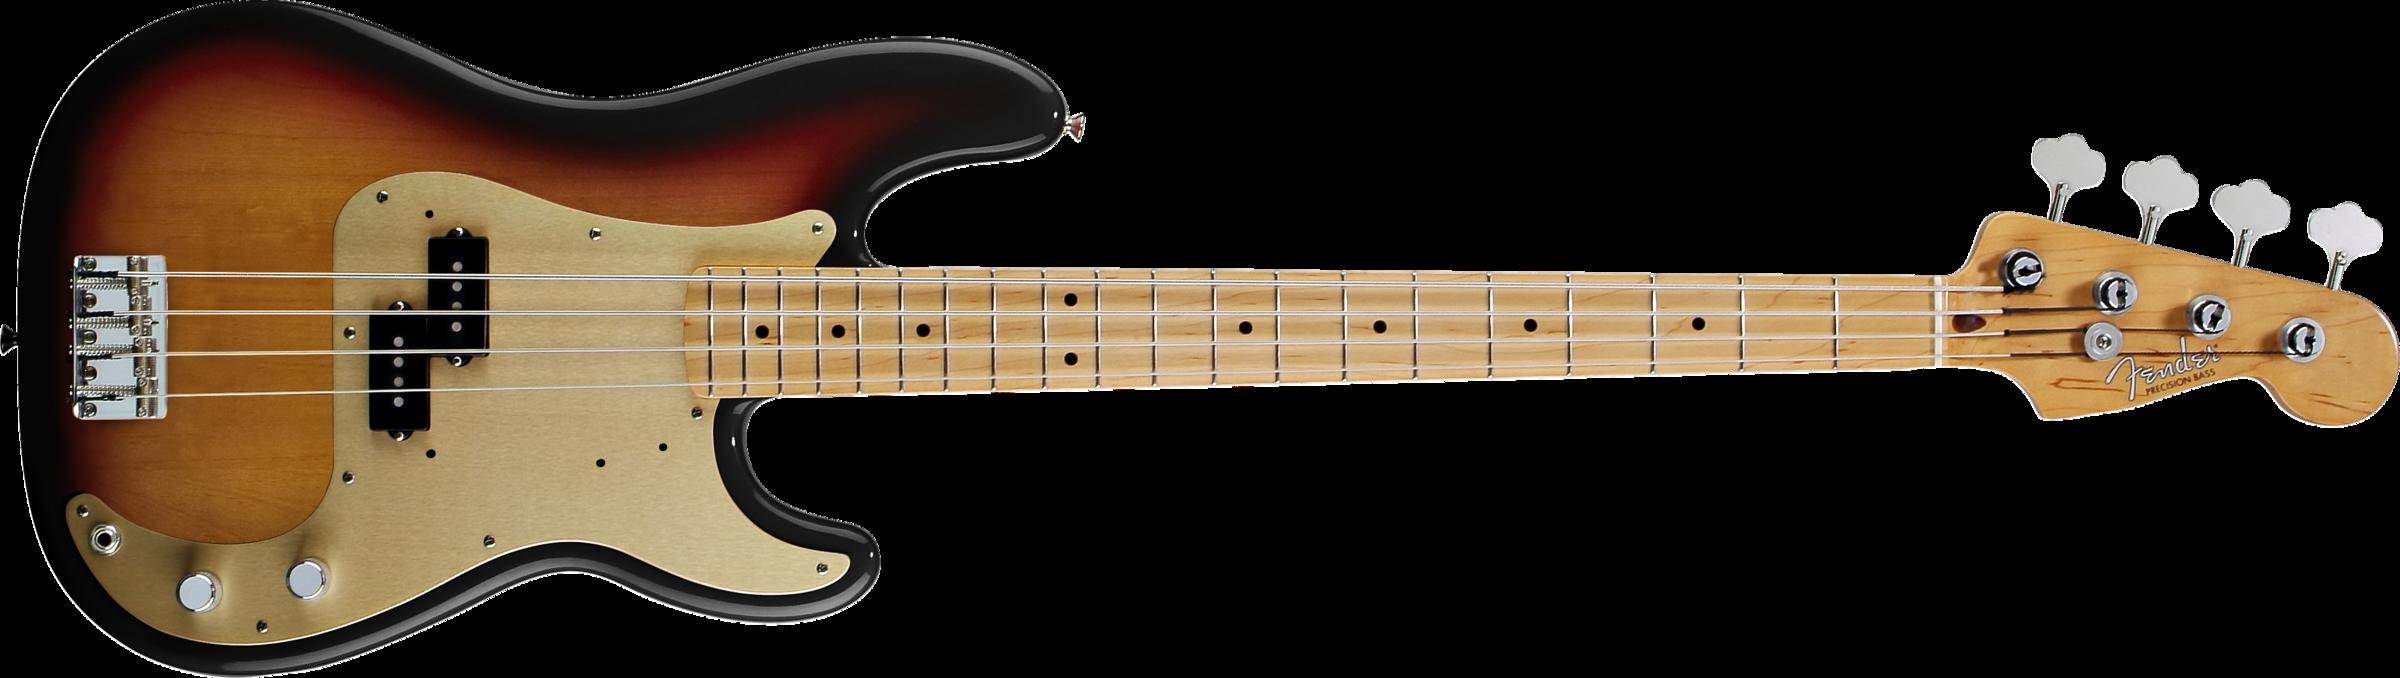 Squier Precision Classic Vibe X Fender Precision Standard MIM 2010 85d10b3bd7e05a0825faf9095e1cc29c